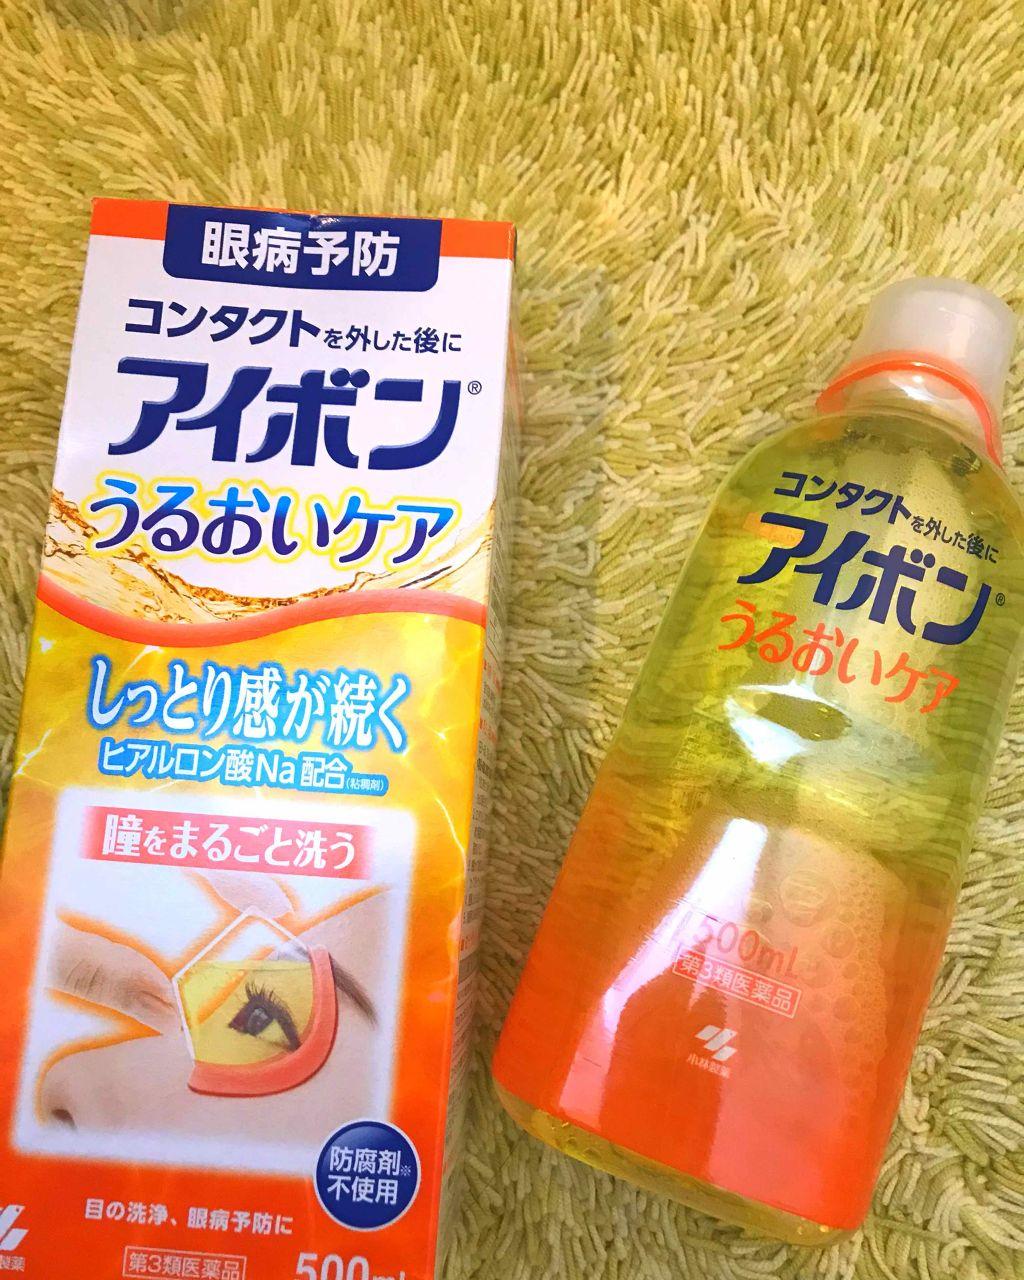 アイボンうるおいケア(医薬品)|小林製薬の口コミ「目が痒い〜😨本格的な花粉症が到来して鼻声&..」 by m♡c(混合肌) | LIPS